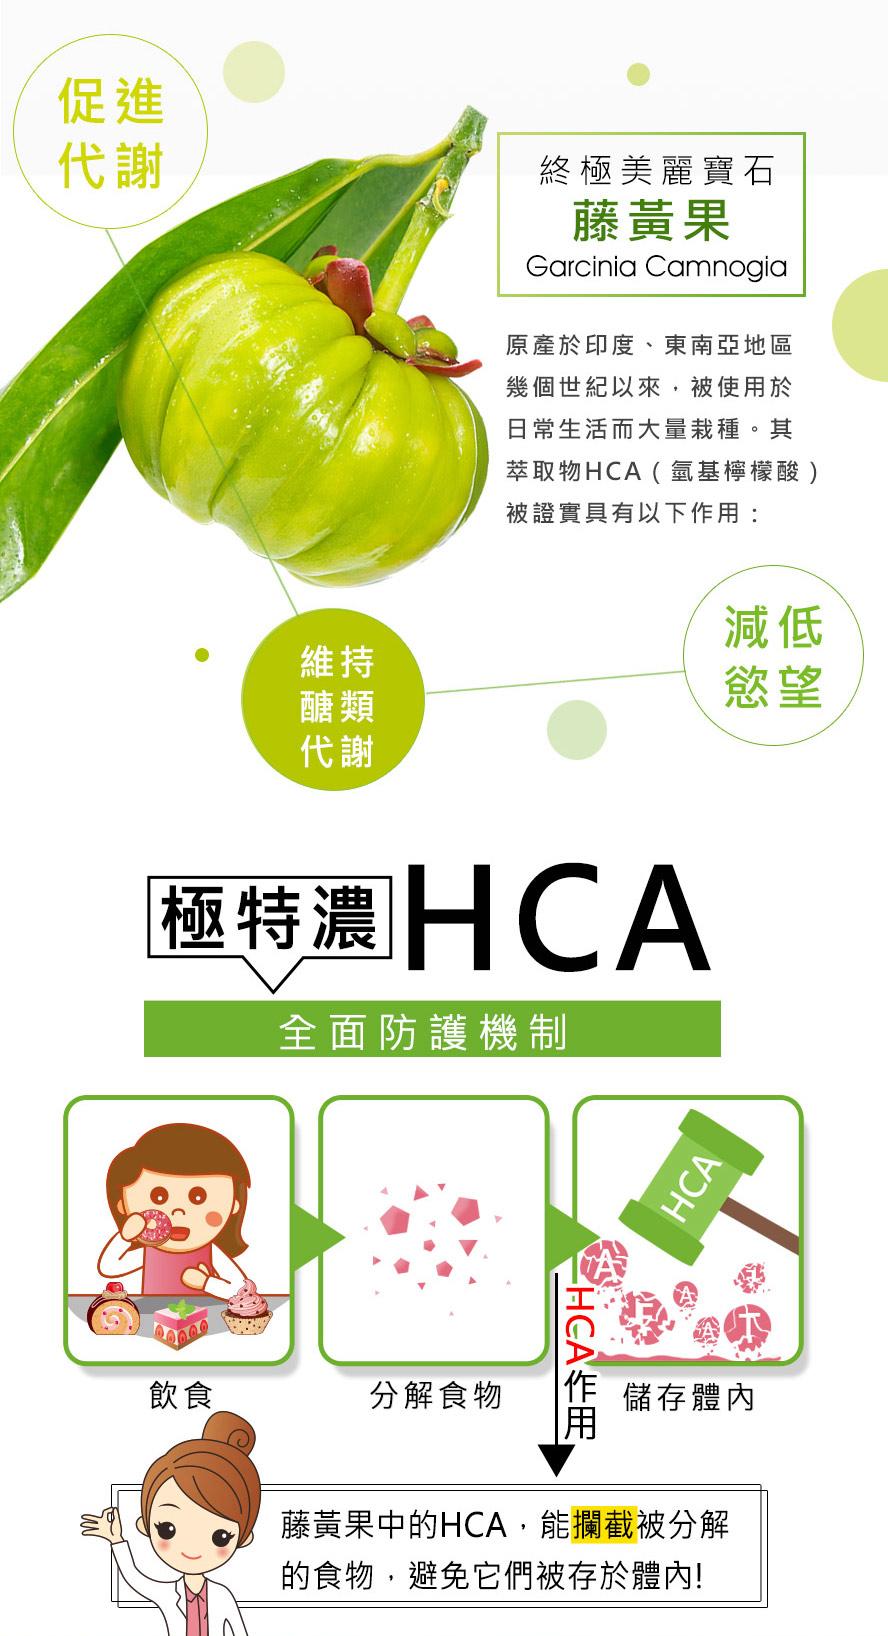 BHK藤黃果促進代謝,加強醣類快速代謝,有效降低甜食慾望。